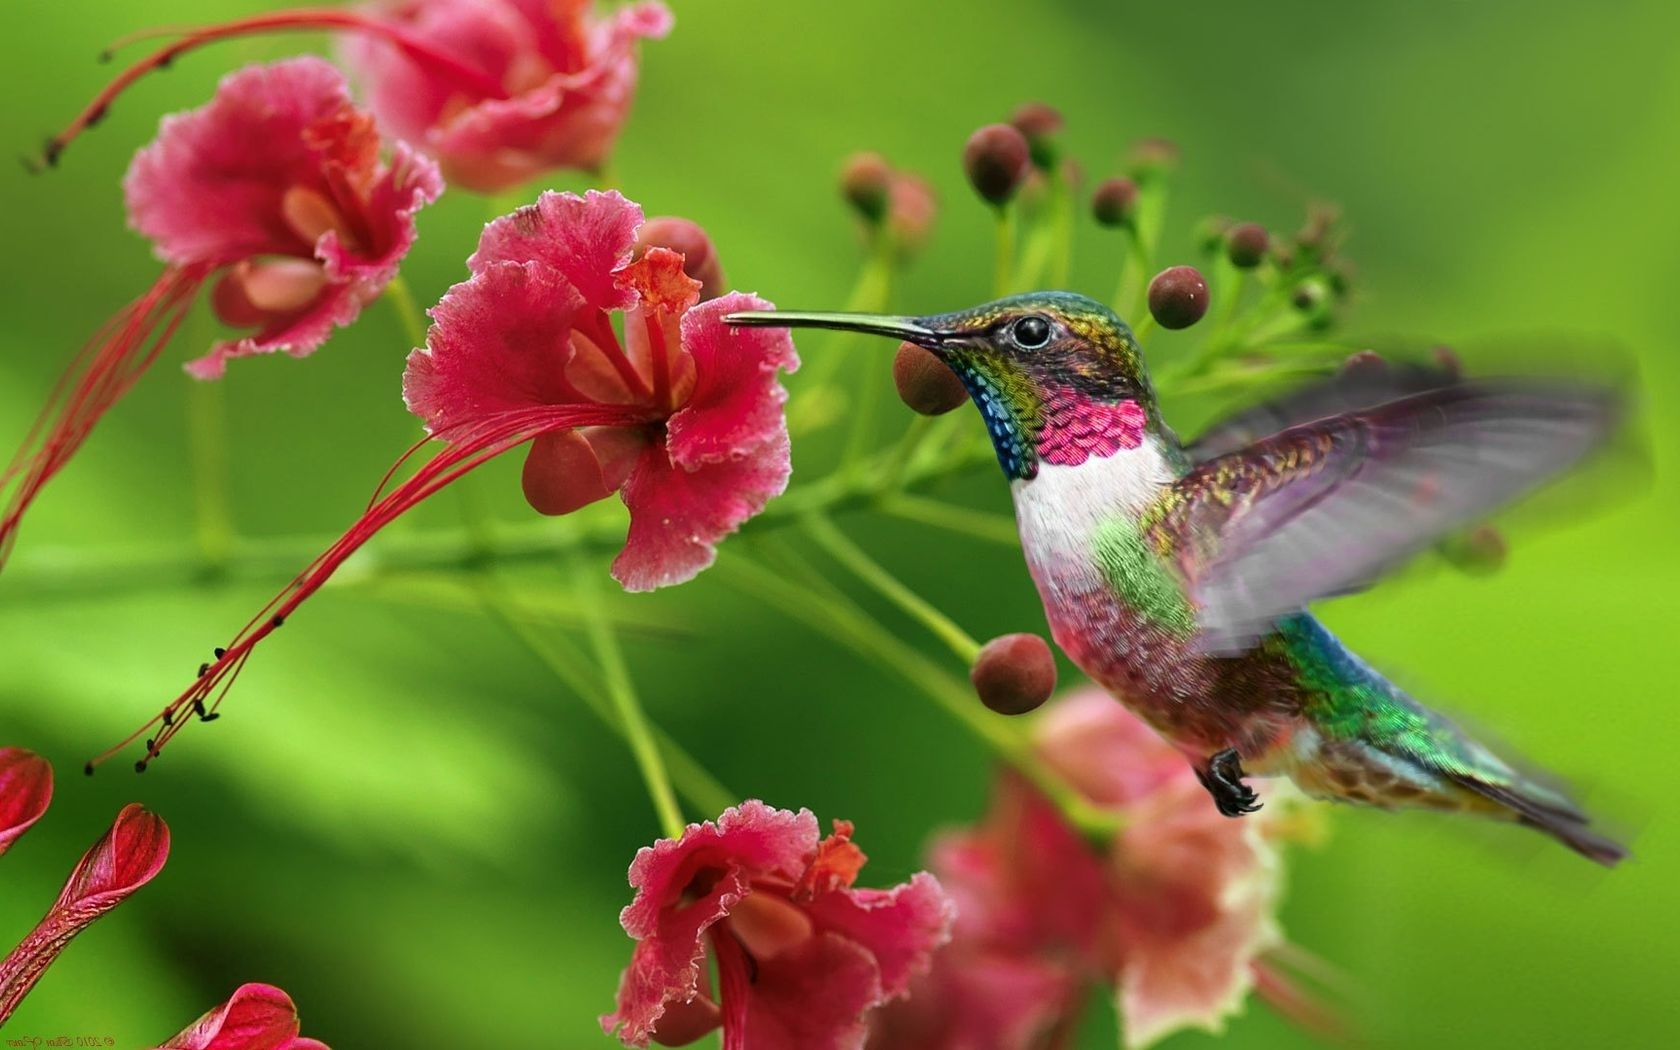 Kolibri blumen fliegen 1680x1050 hd hintergrundbilder hd for Fliegen in blumen bekampfen